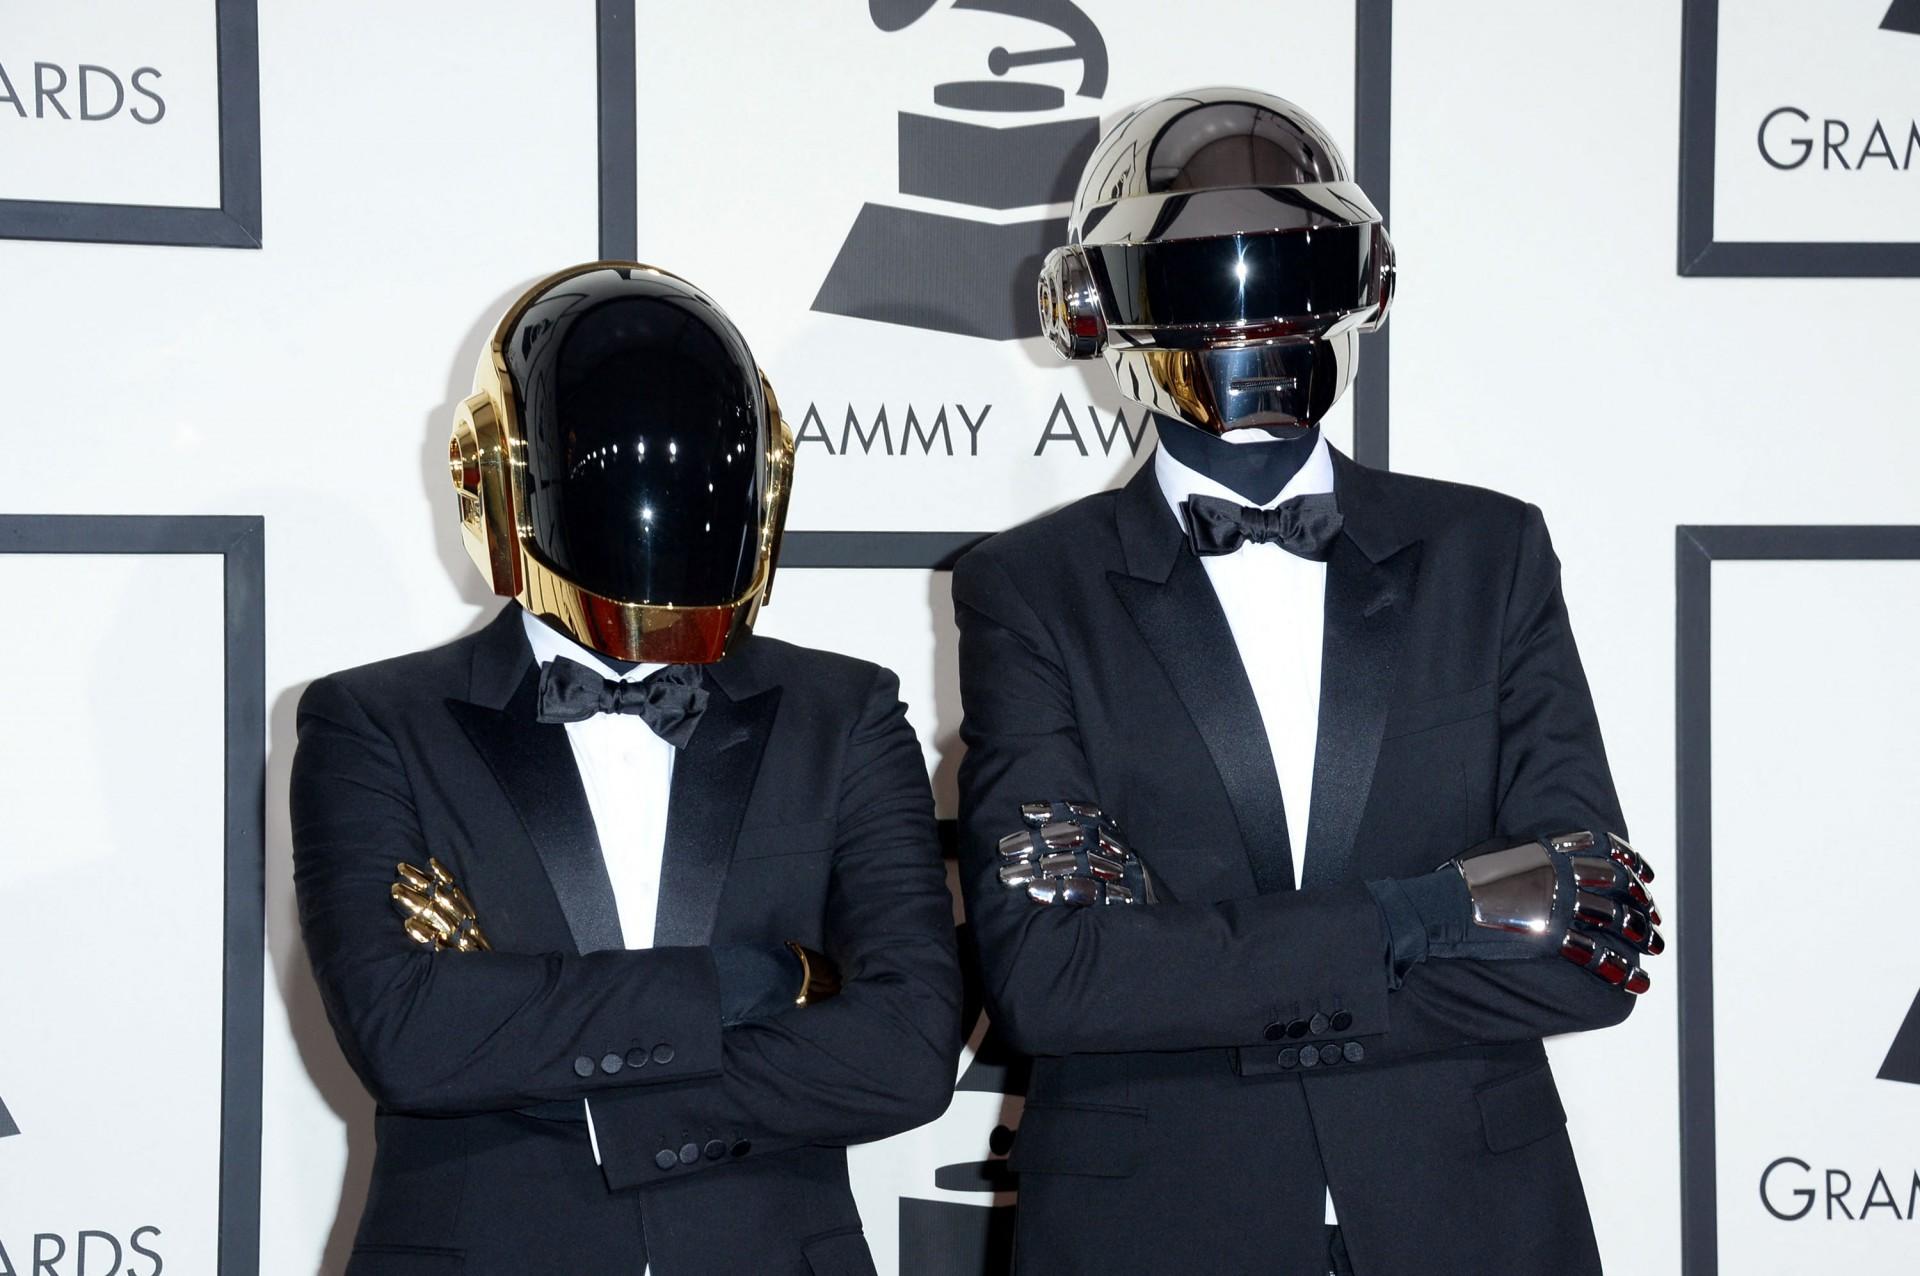 Nesta foto de arquivo tirada em 26 de janeiro de 2014, os artistas de gravação Guy-Manuel de Homem-Christo (E) e Thomas Bangalter do Daft Punk compareceram ao 56º Grammy Awards no Staples Center em Los Angeles, Califórnia. - As estrelas da música eletrônica francesa Daft Punk se separaram, seu publicitário confirmou em 22 de fevereiro de 2021, encerrando um dos atos de pista de dança da era. A dupla lançou um vídeo intitulado